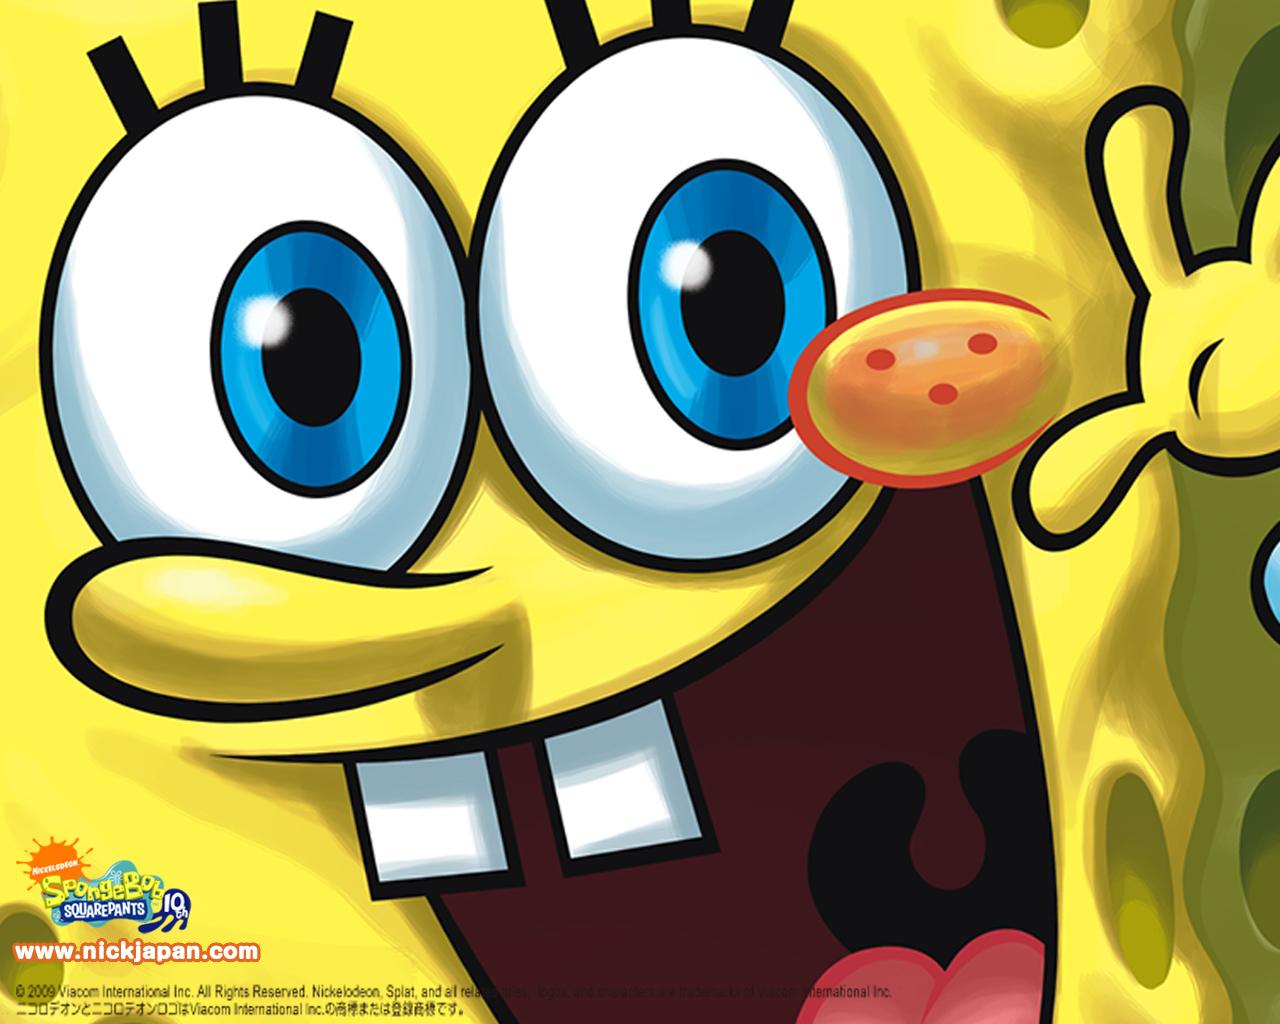 Cool Spongebob Wallpapers Wallpapersafari